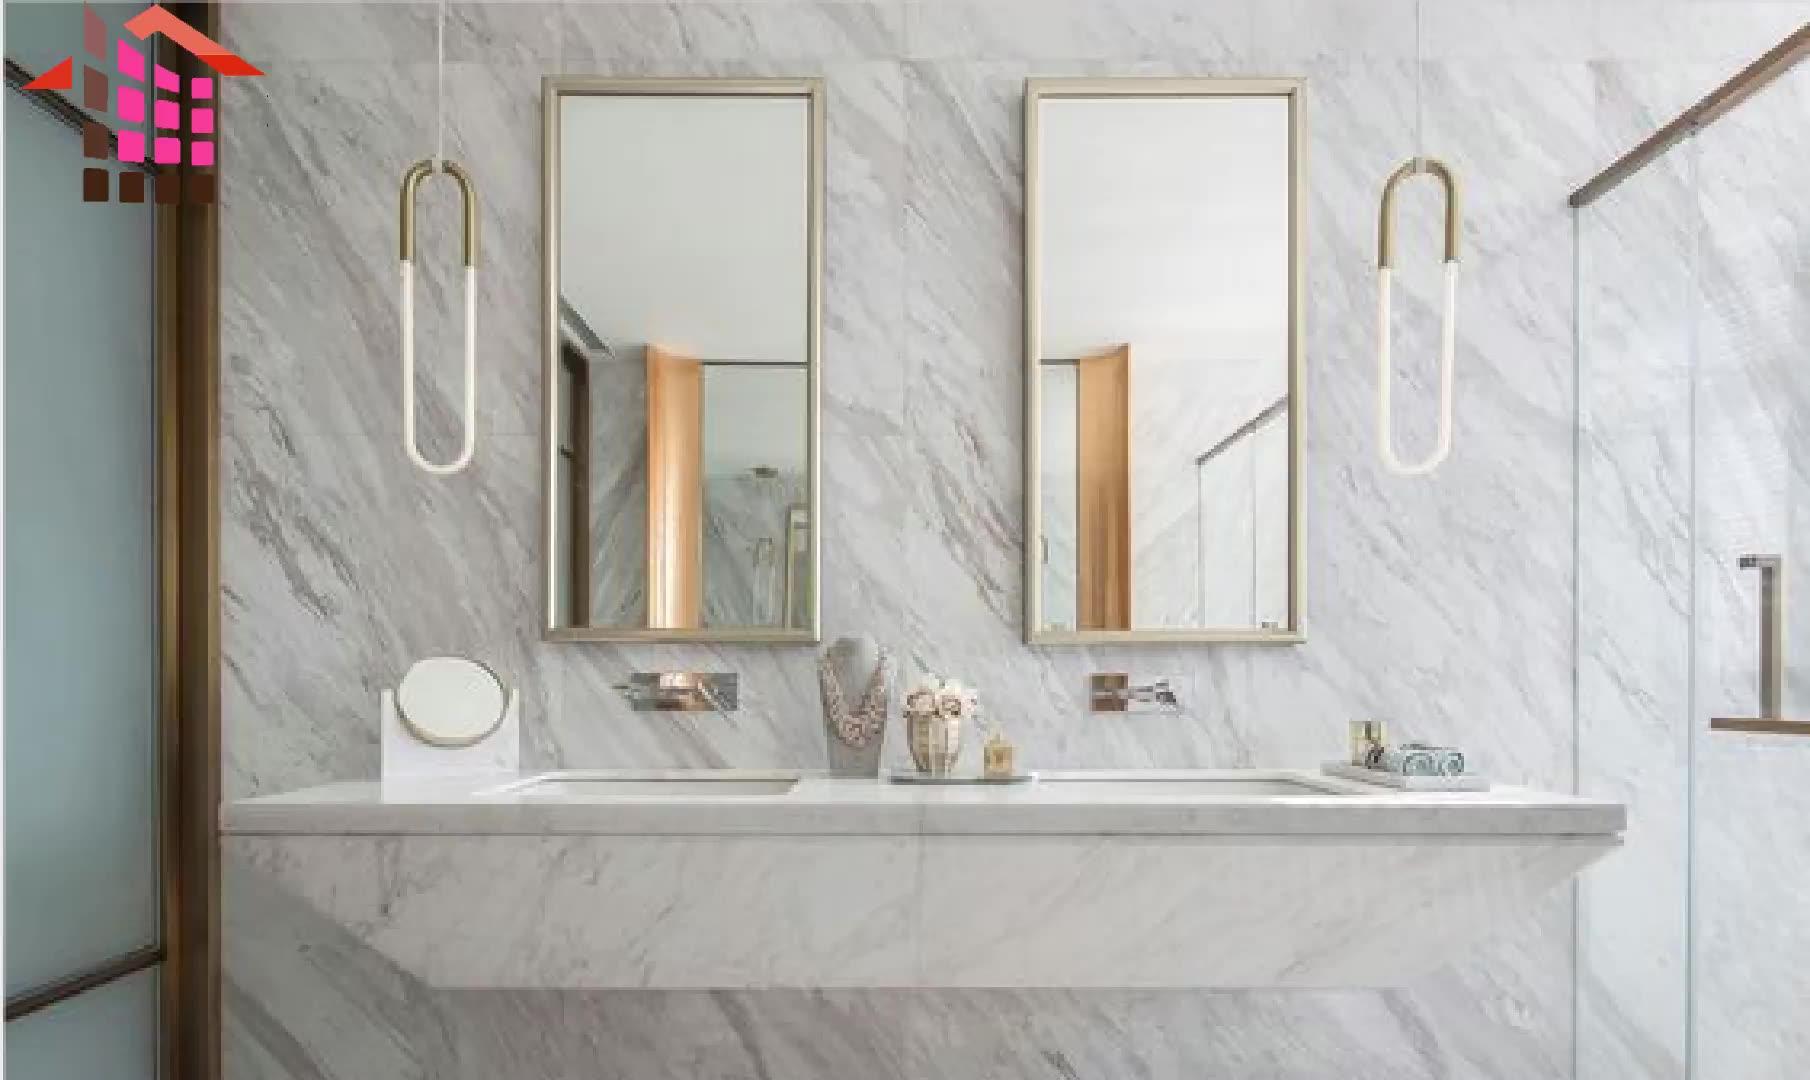 イタリア白 volakas 24 × 24 大理石タイル石の床